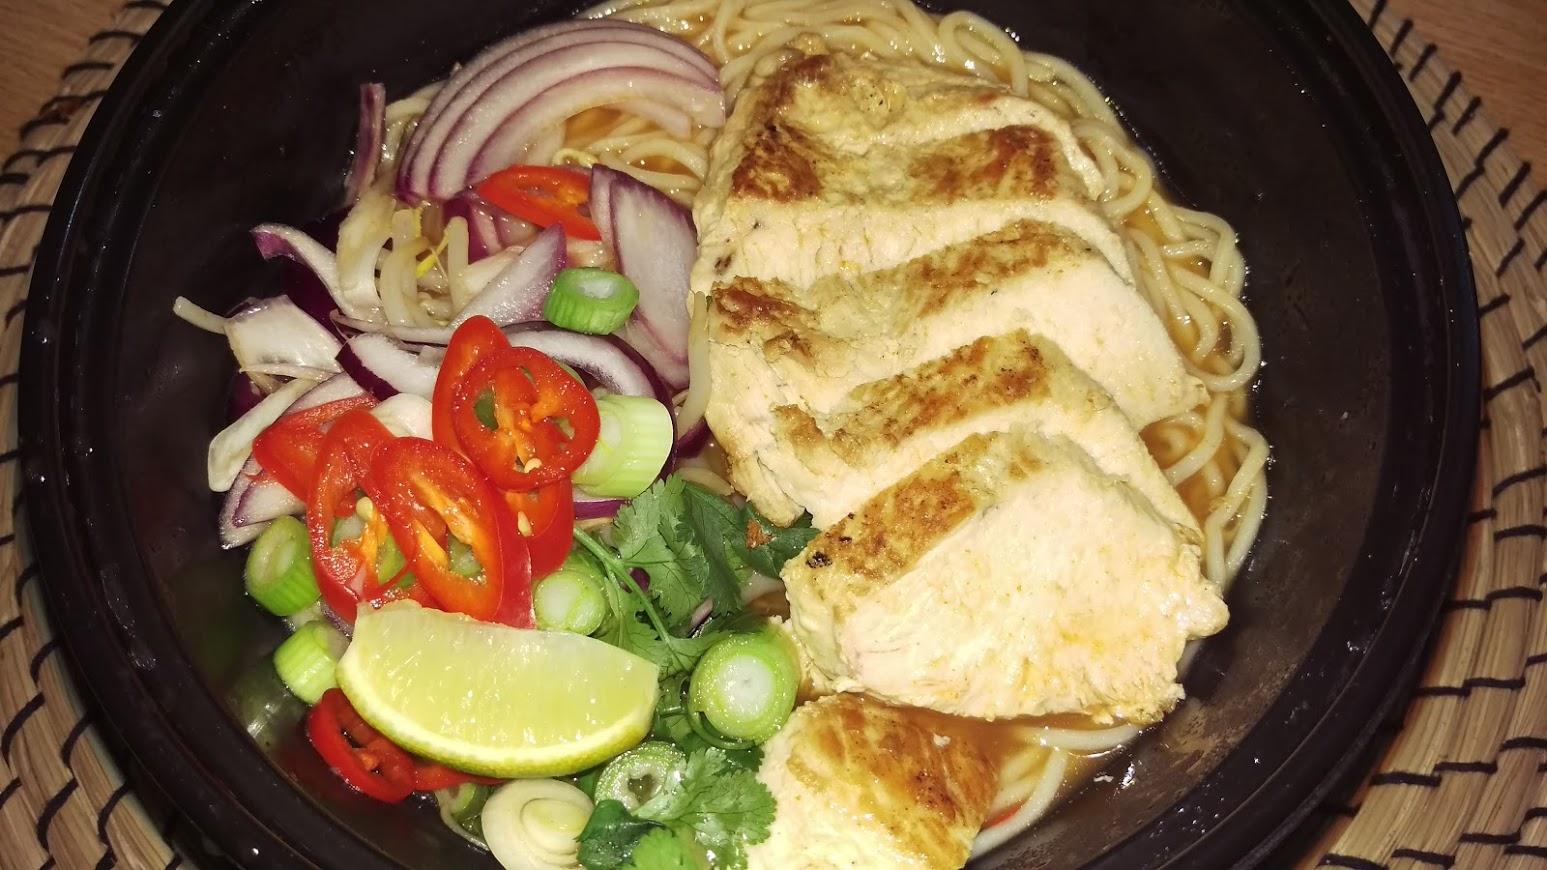 Deliveroo-Wagamama chicken chilli ramen